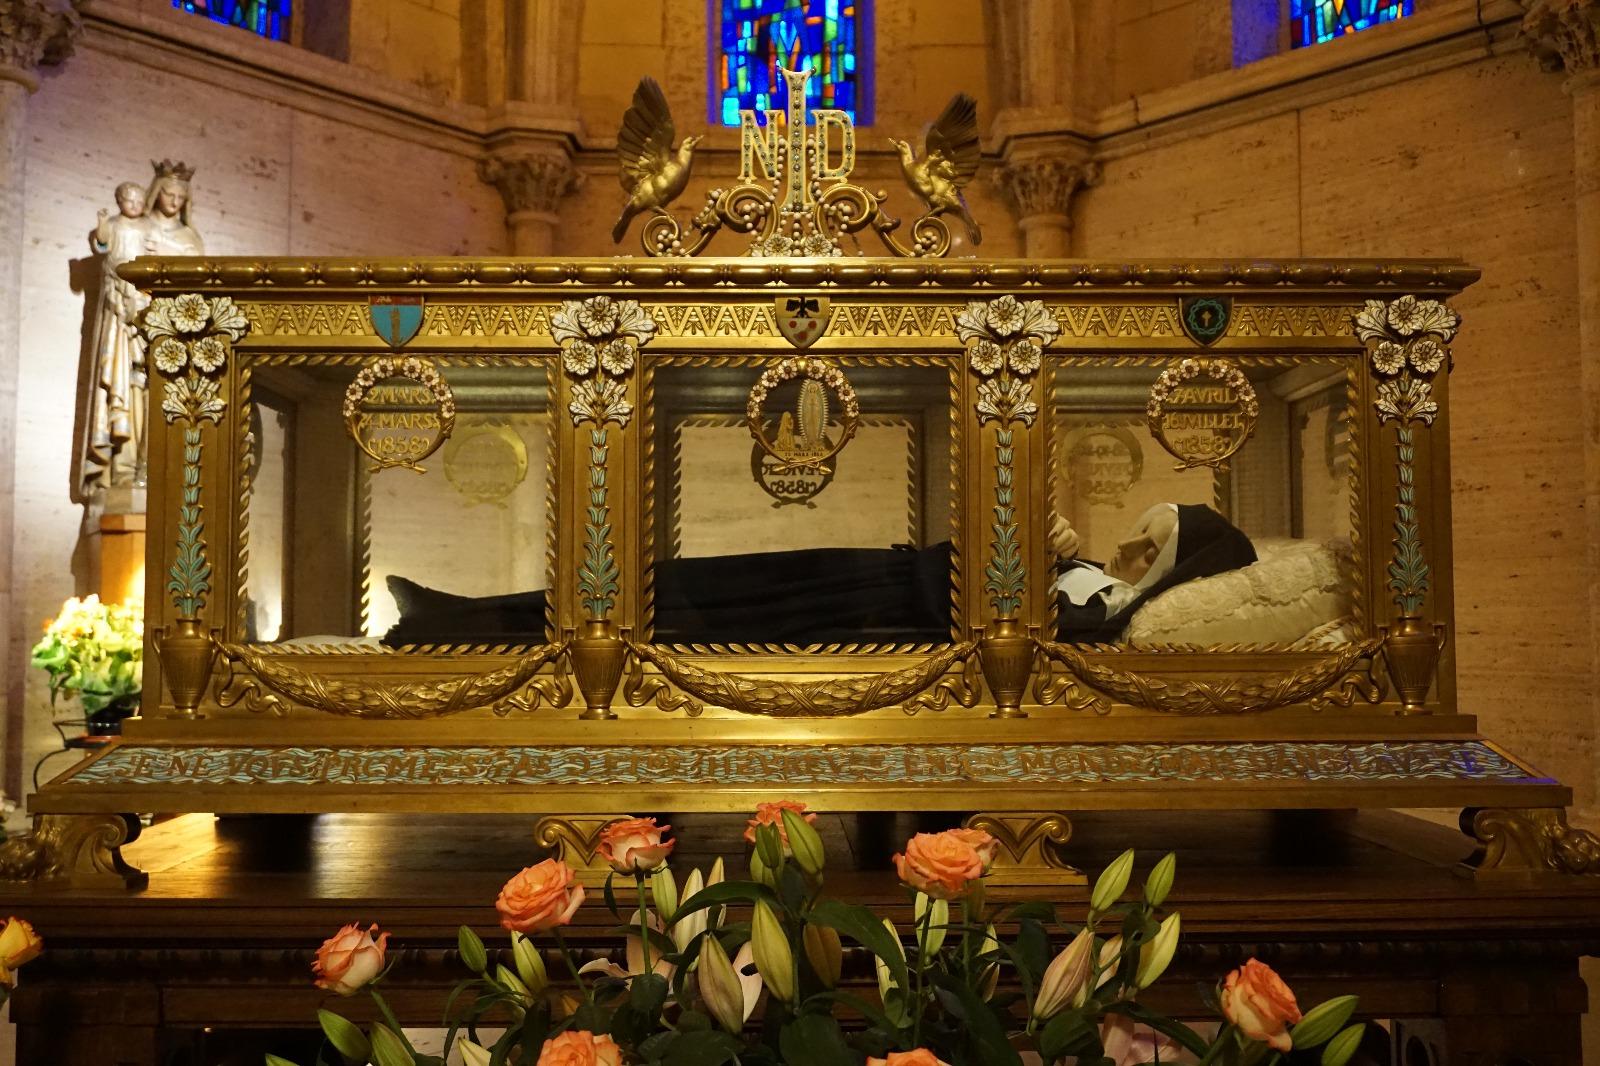 Nevers: cuerpo incorrupto de santa Bernardita (la que recibió las apariciones de Nuestra Señora de Lourdes). Fue religiosa de las hijas de la caridad.